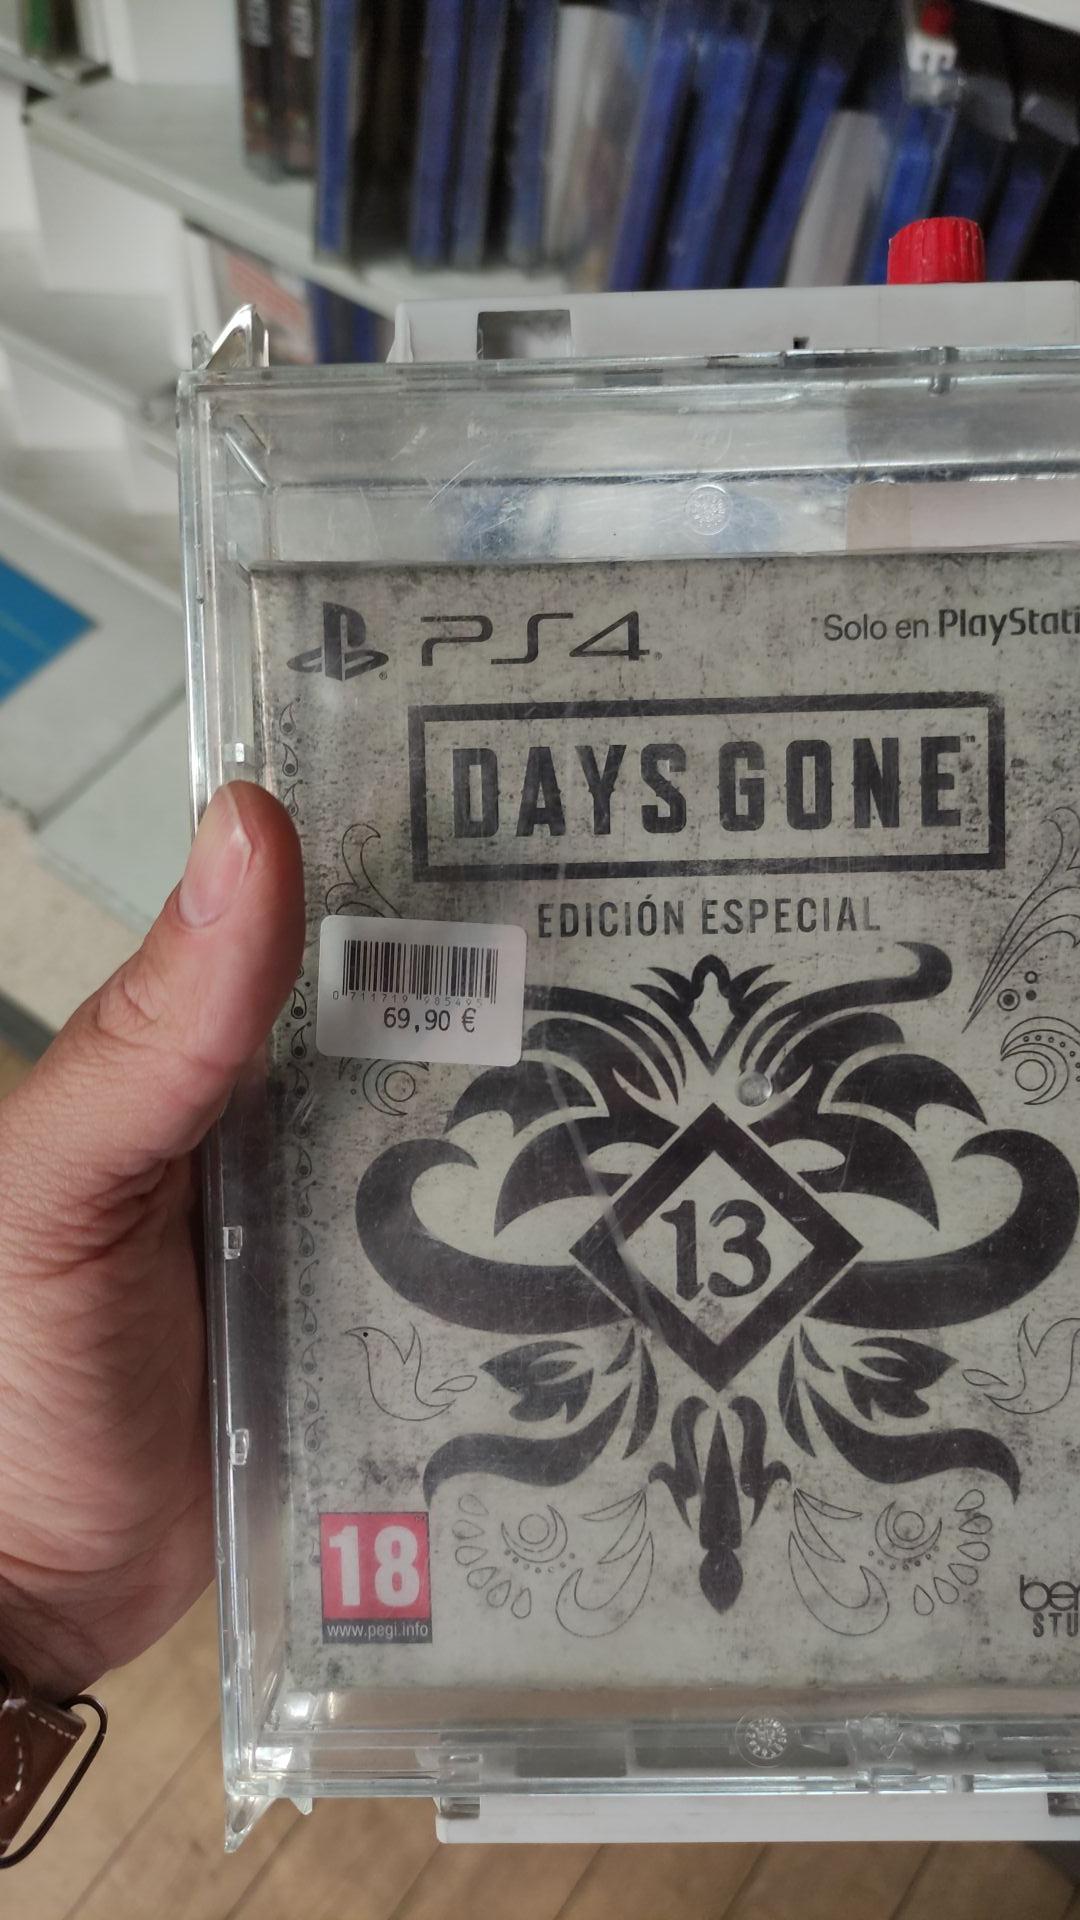 Days gone Ed especial para PS4 Carrefour Rosaleda